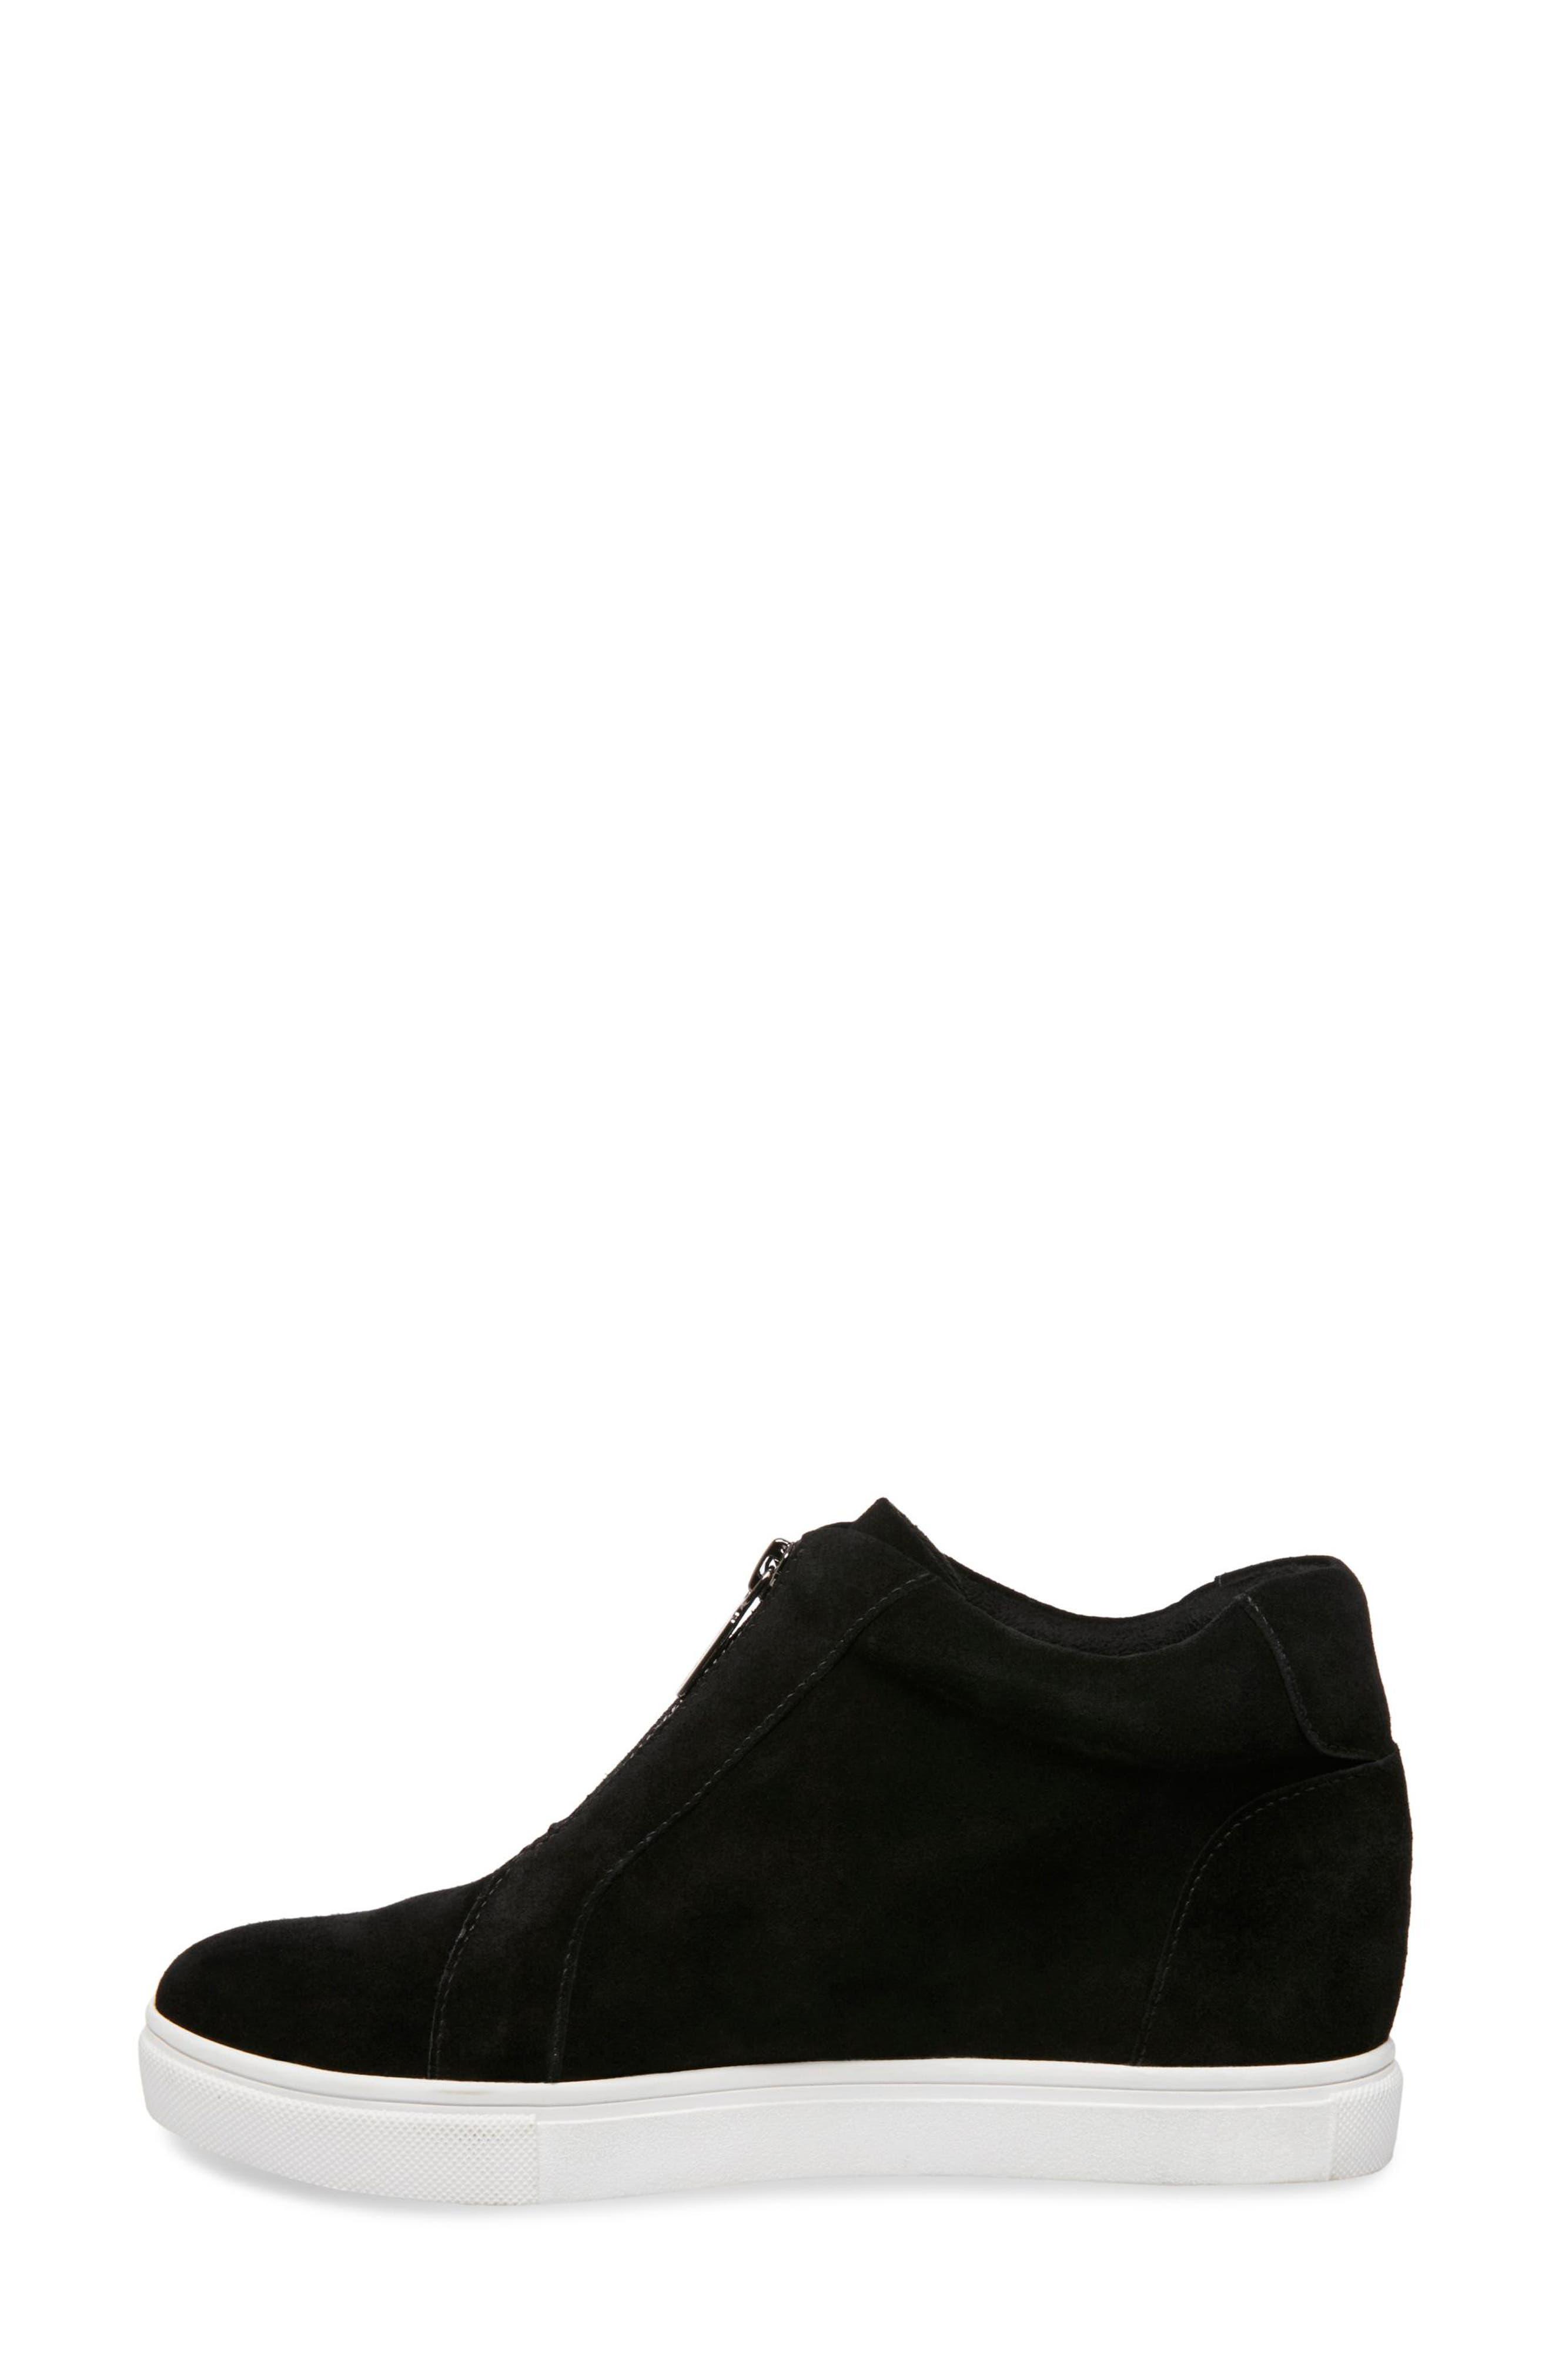 Glenda Waterproof Sneaker Bootie,                             Alternate thumbnail 2, color,                             BLACK SUEDE